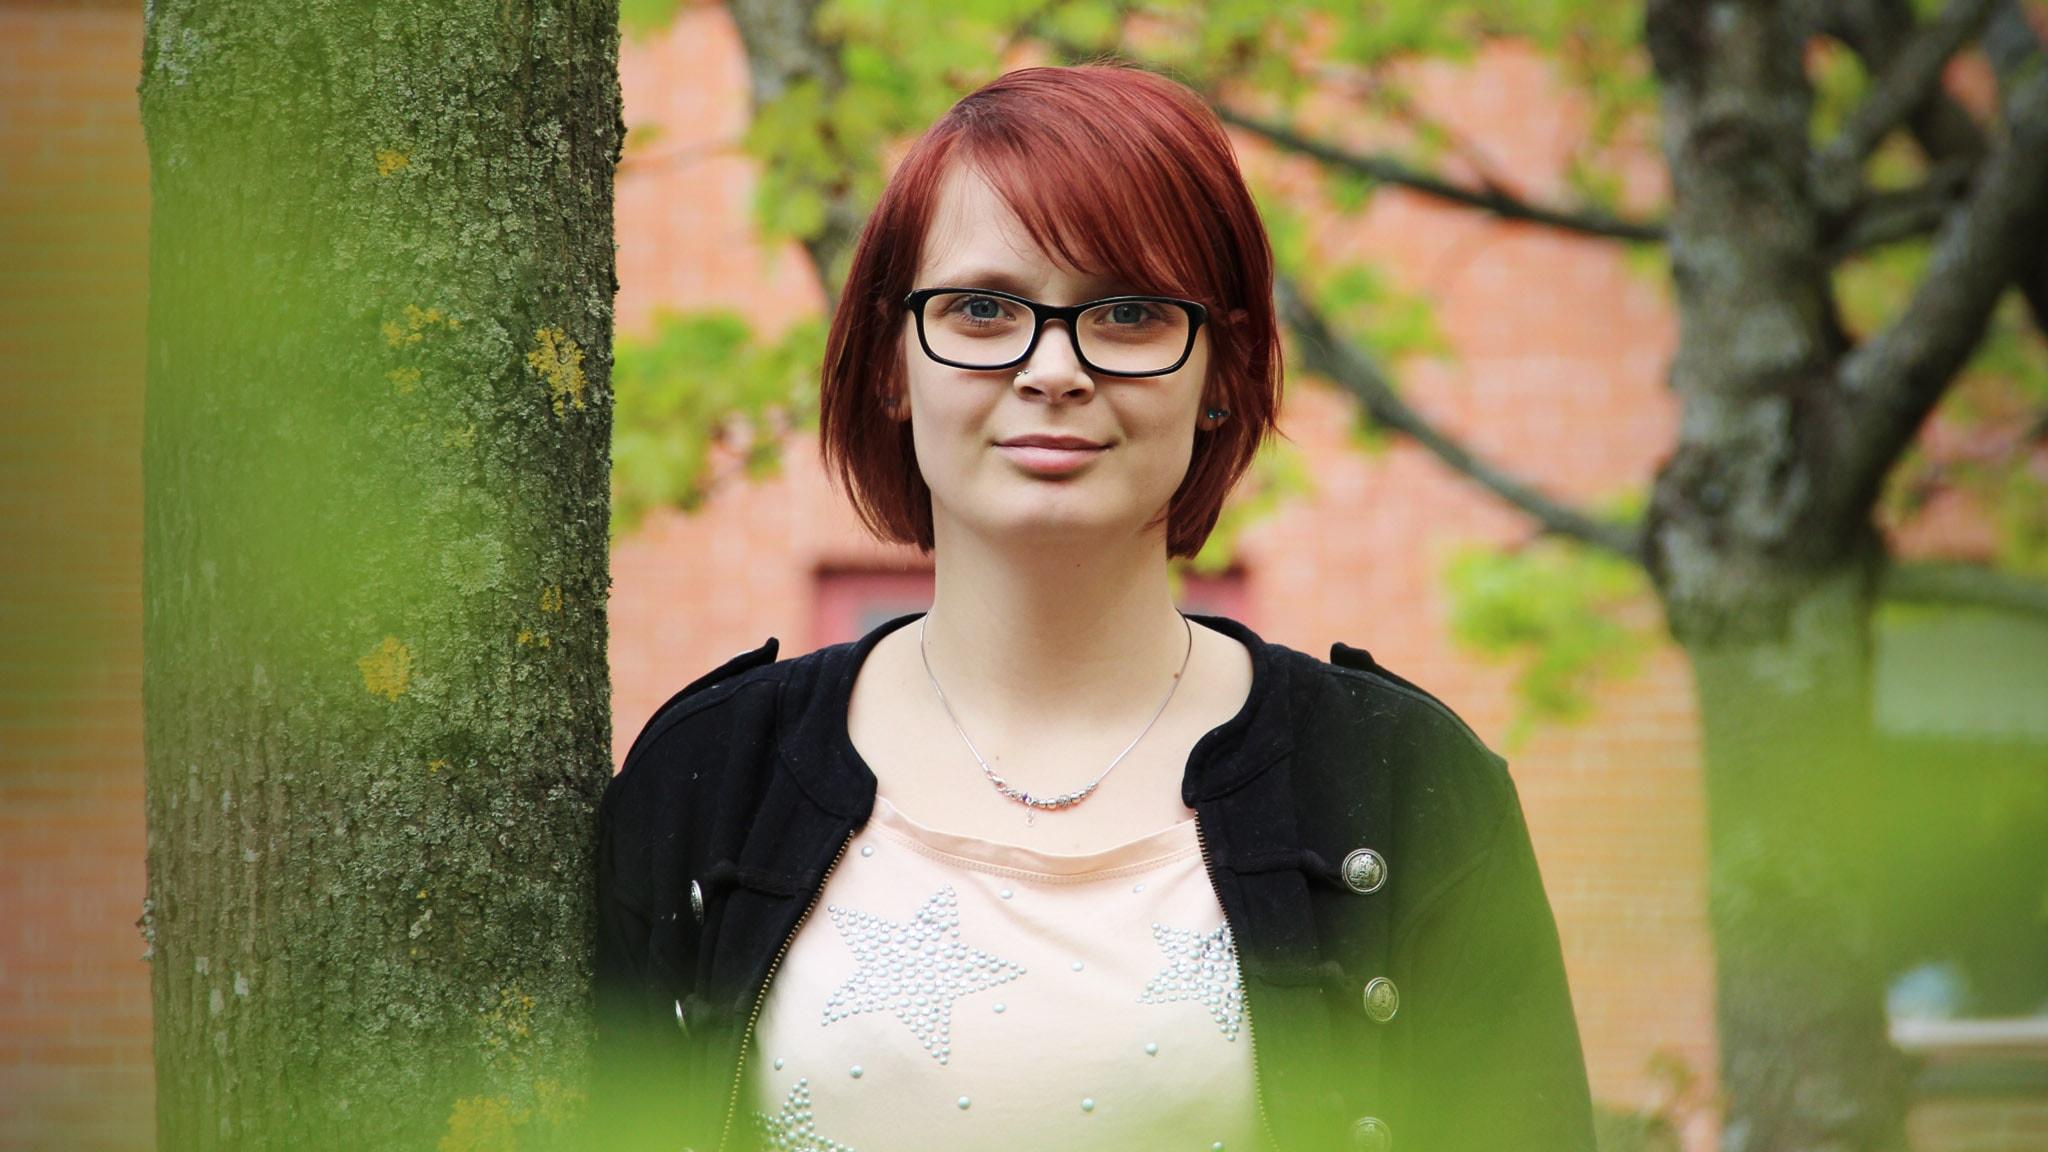 Eftermiddag i P4 Värmland med Semesterpratare Joanna Halvardsson